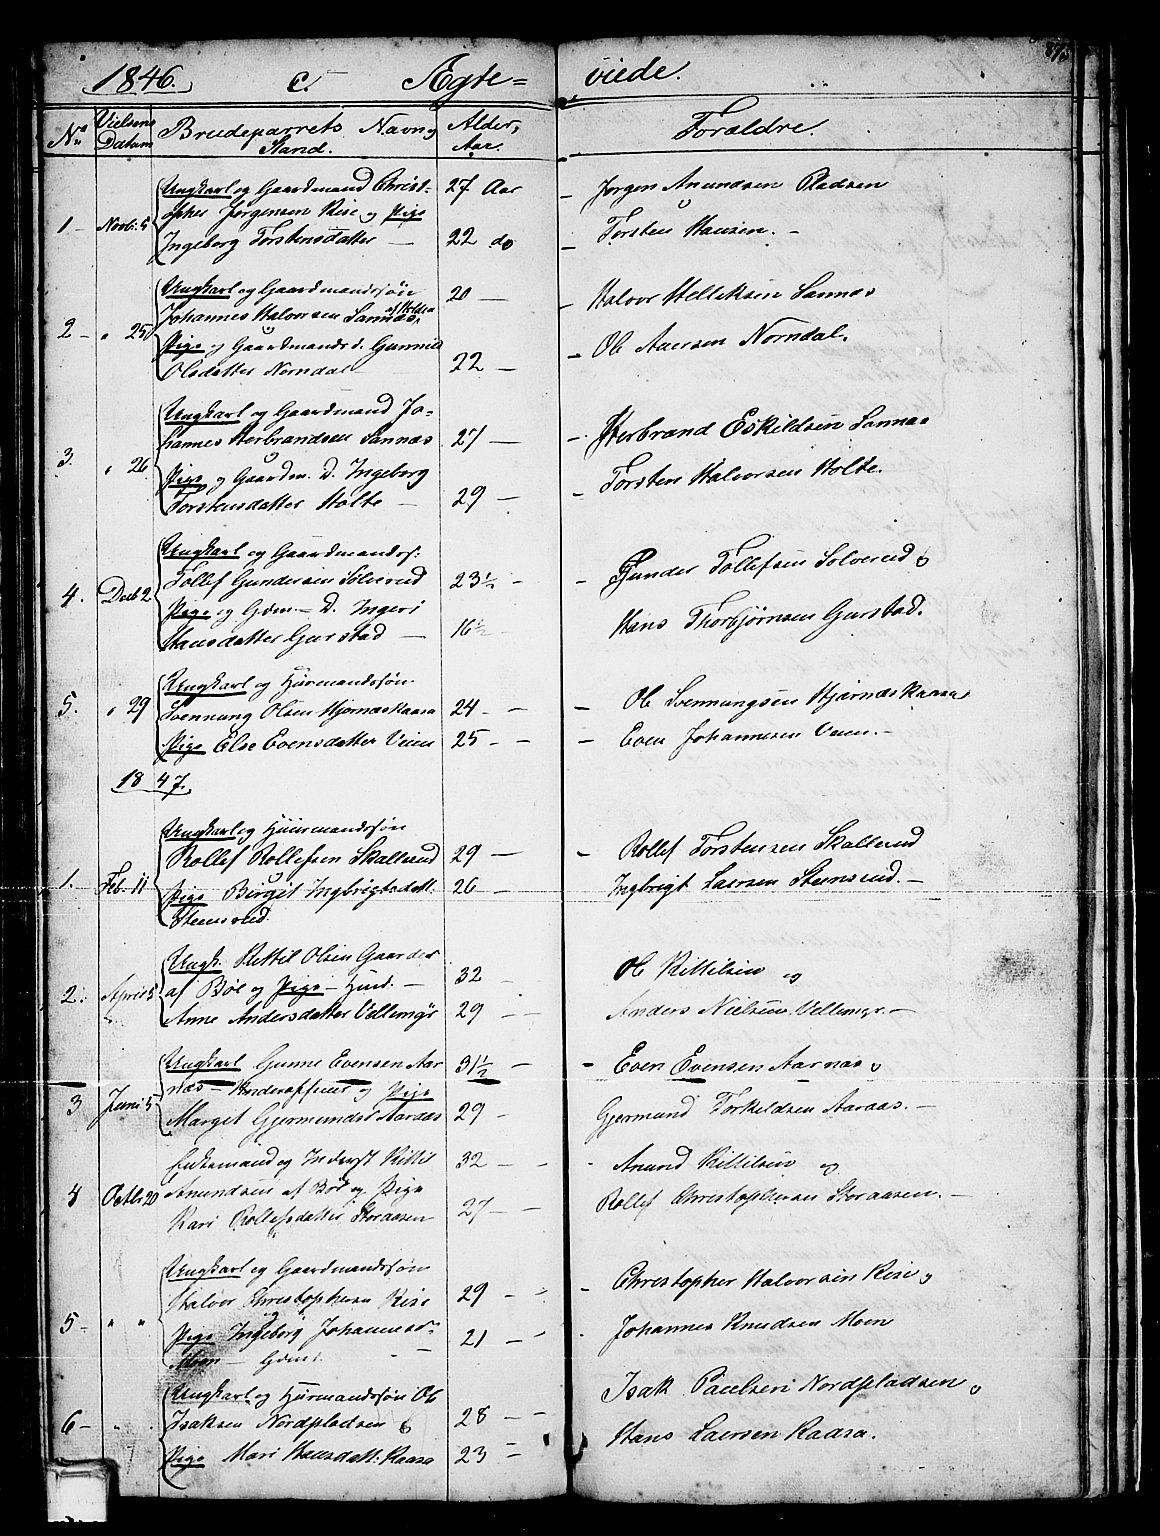 SAKO, Sauherad kirkebøker, G/Gb/L0001: Klokkerbok nr. II 1, 1845-1865, s. 87